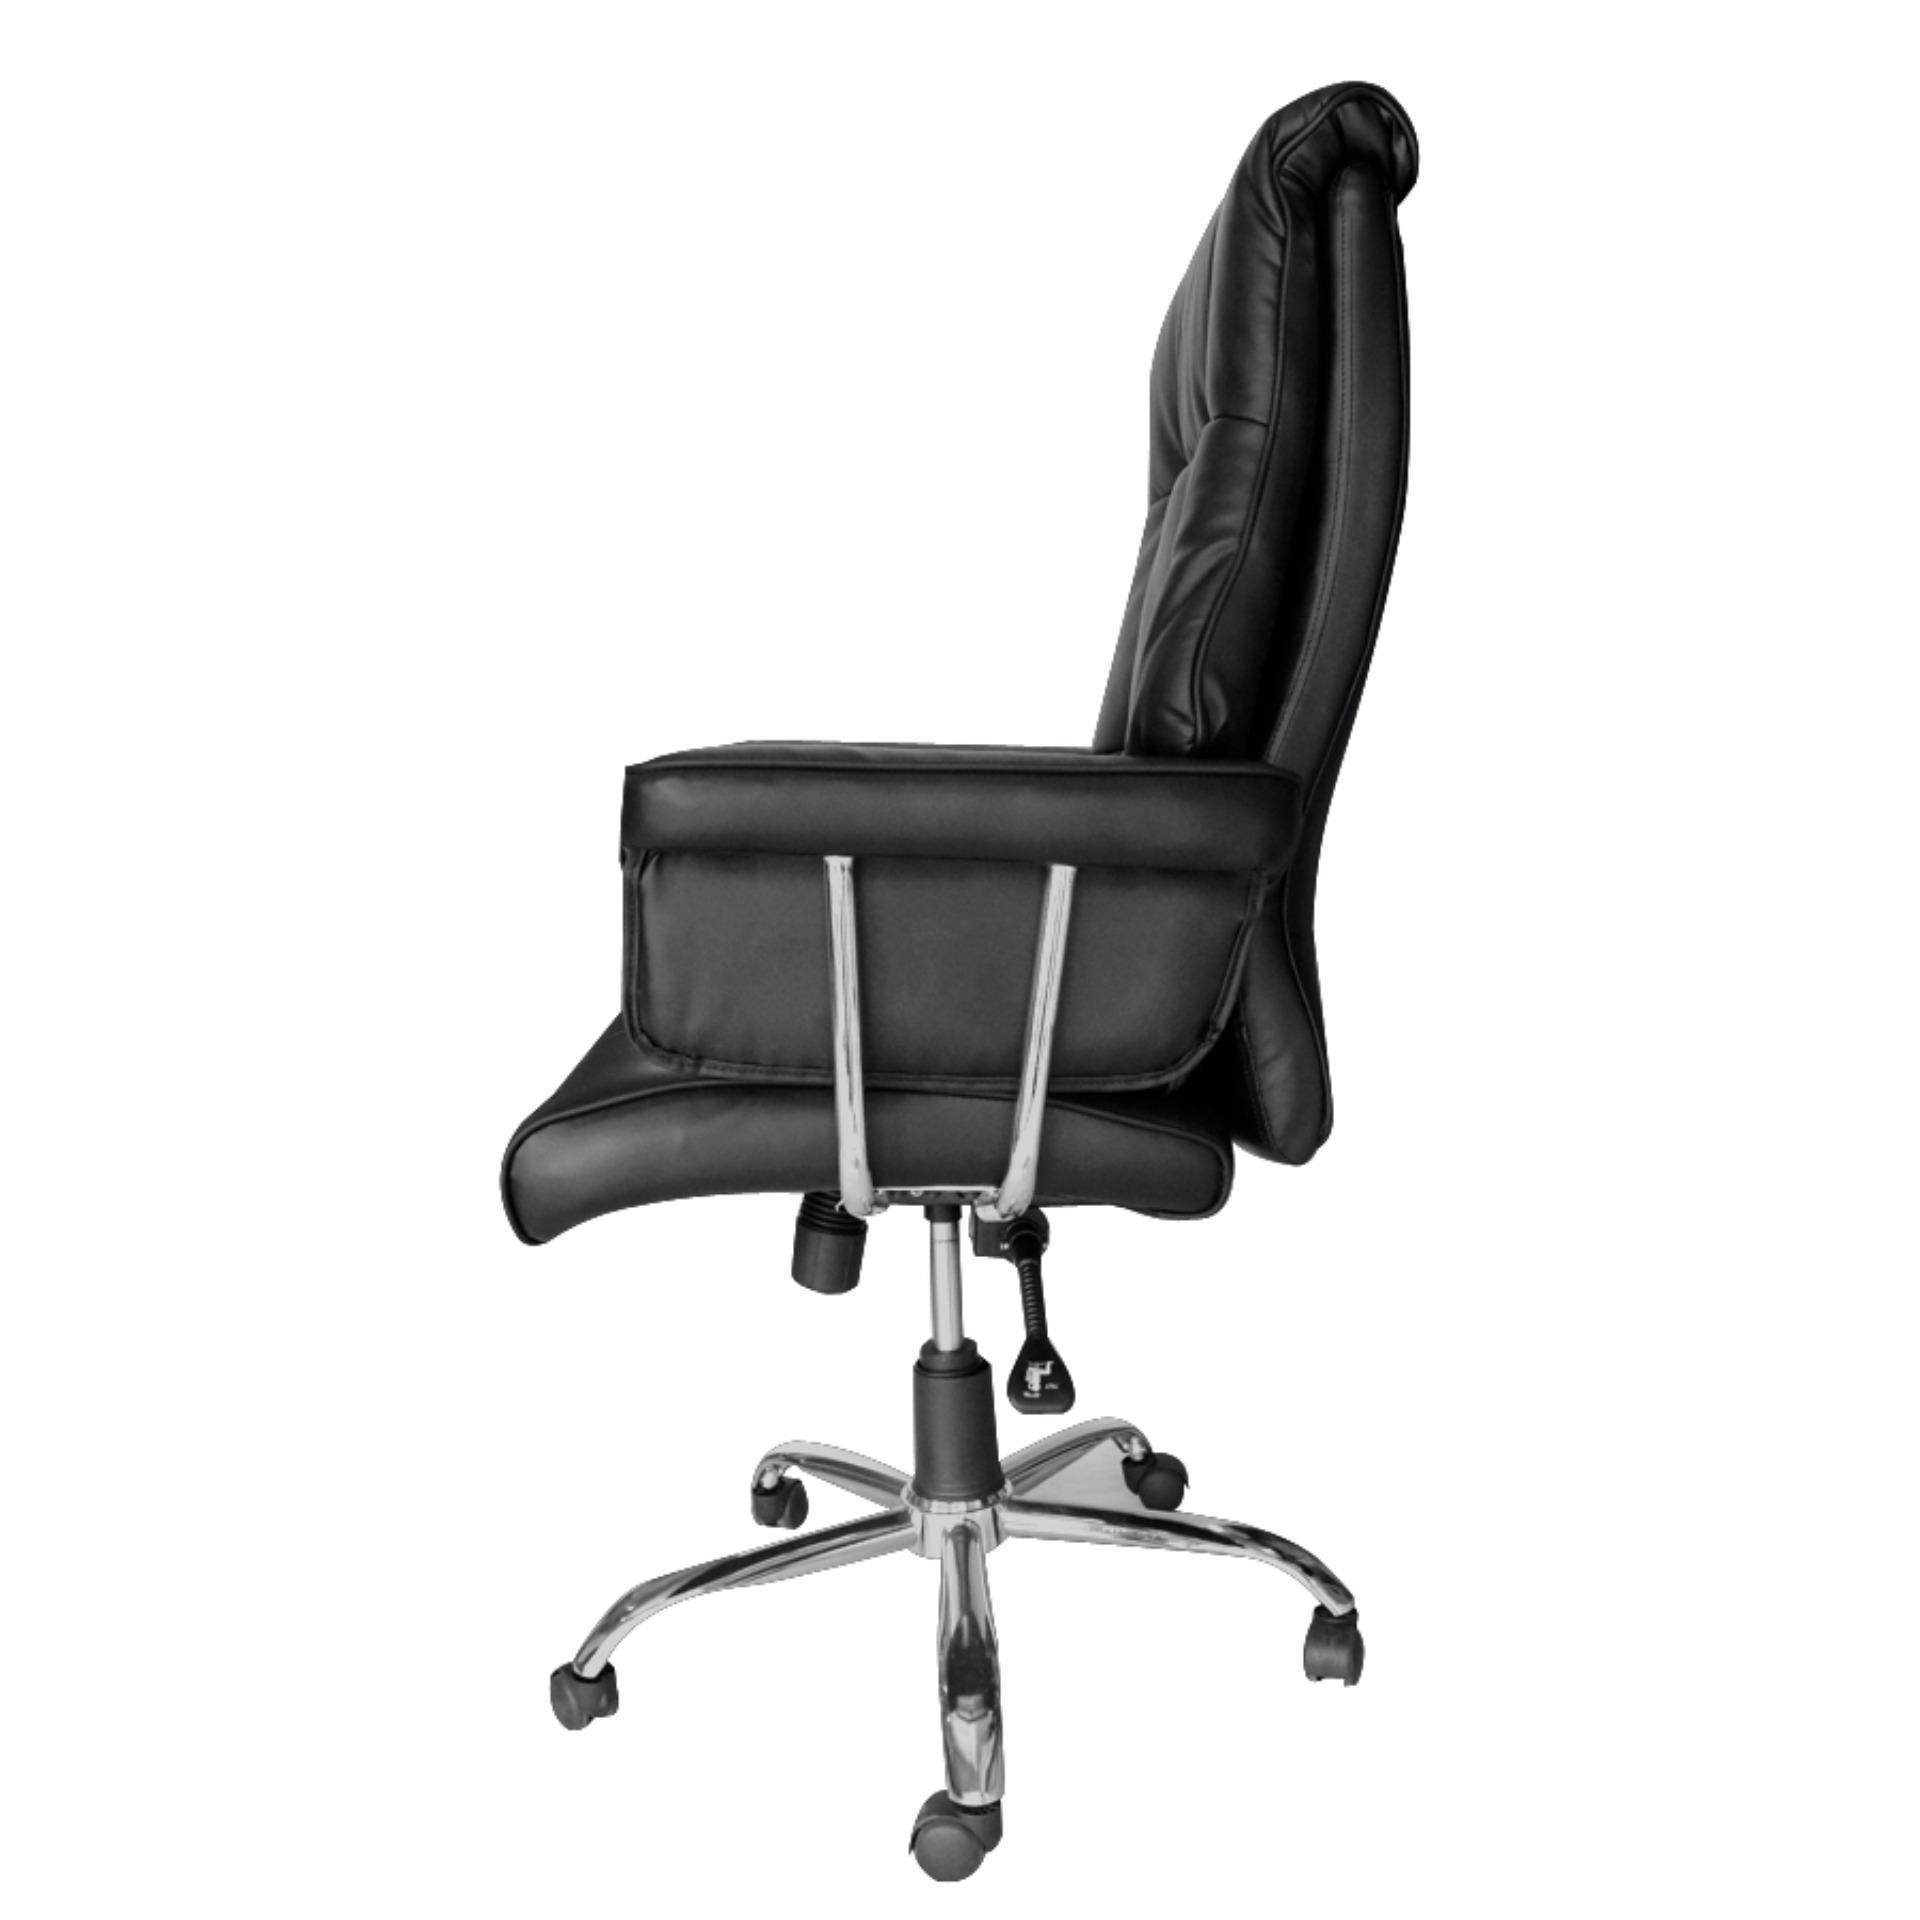 president office chair black. Ergodynamic PRESIDENT Reclining President\u0027s High Back Office Chair (Black) President Black X